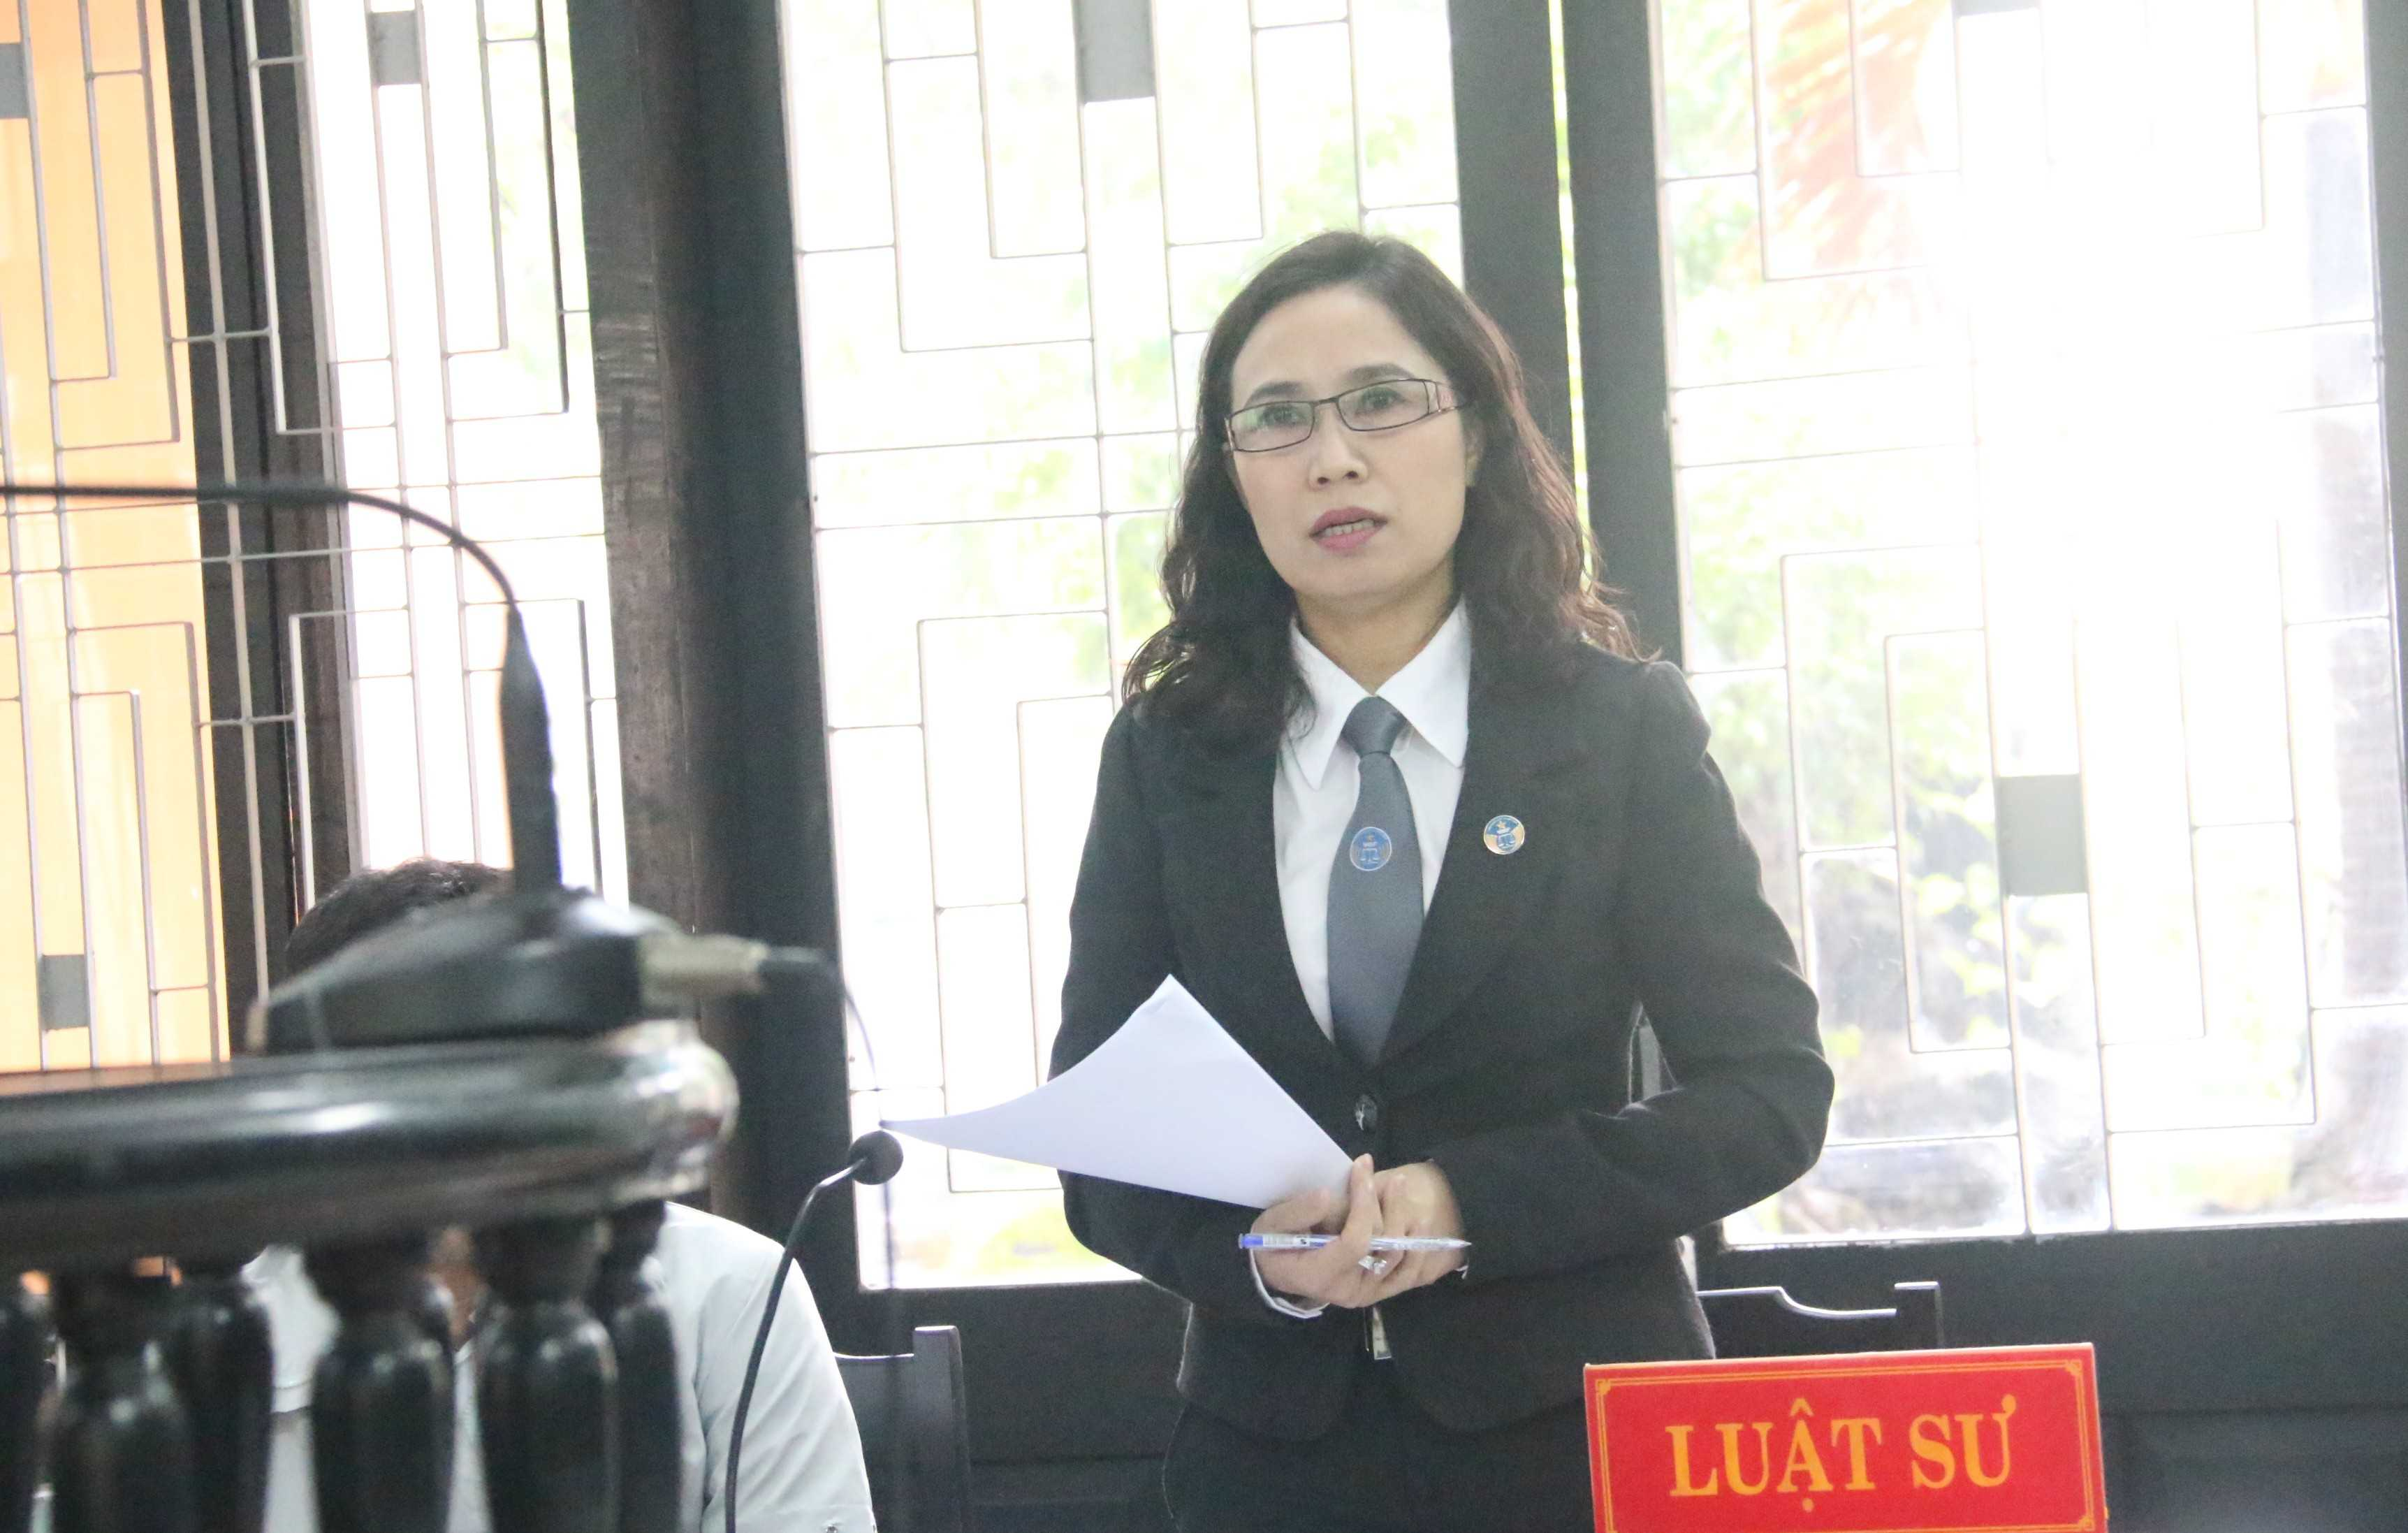 Luậ sư Lê Thị Trà My nêu ra những bất thường trong vụ án và những sai sót nghiêm trọng của cơ quan tố tụng sơ thẩm. (Ảnh: Hoàng Quân).